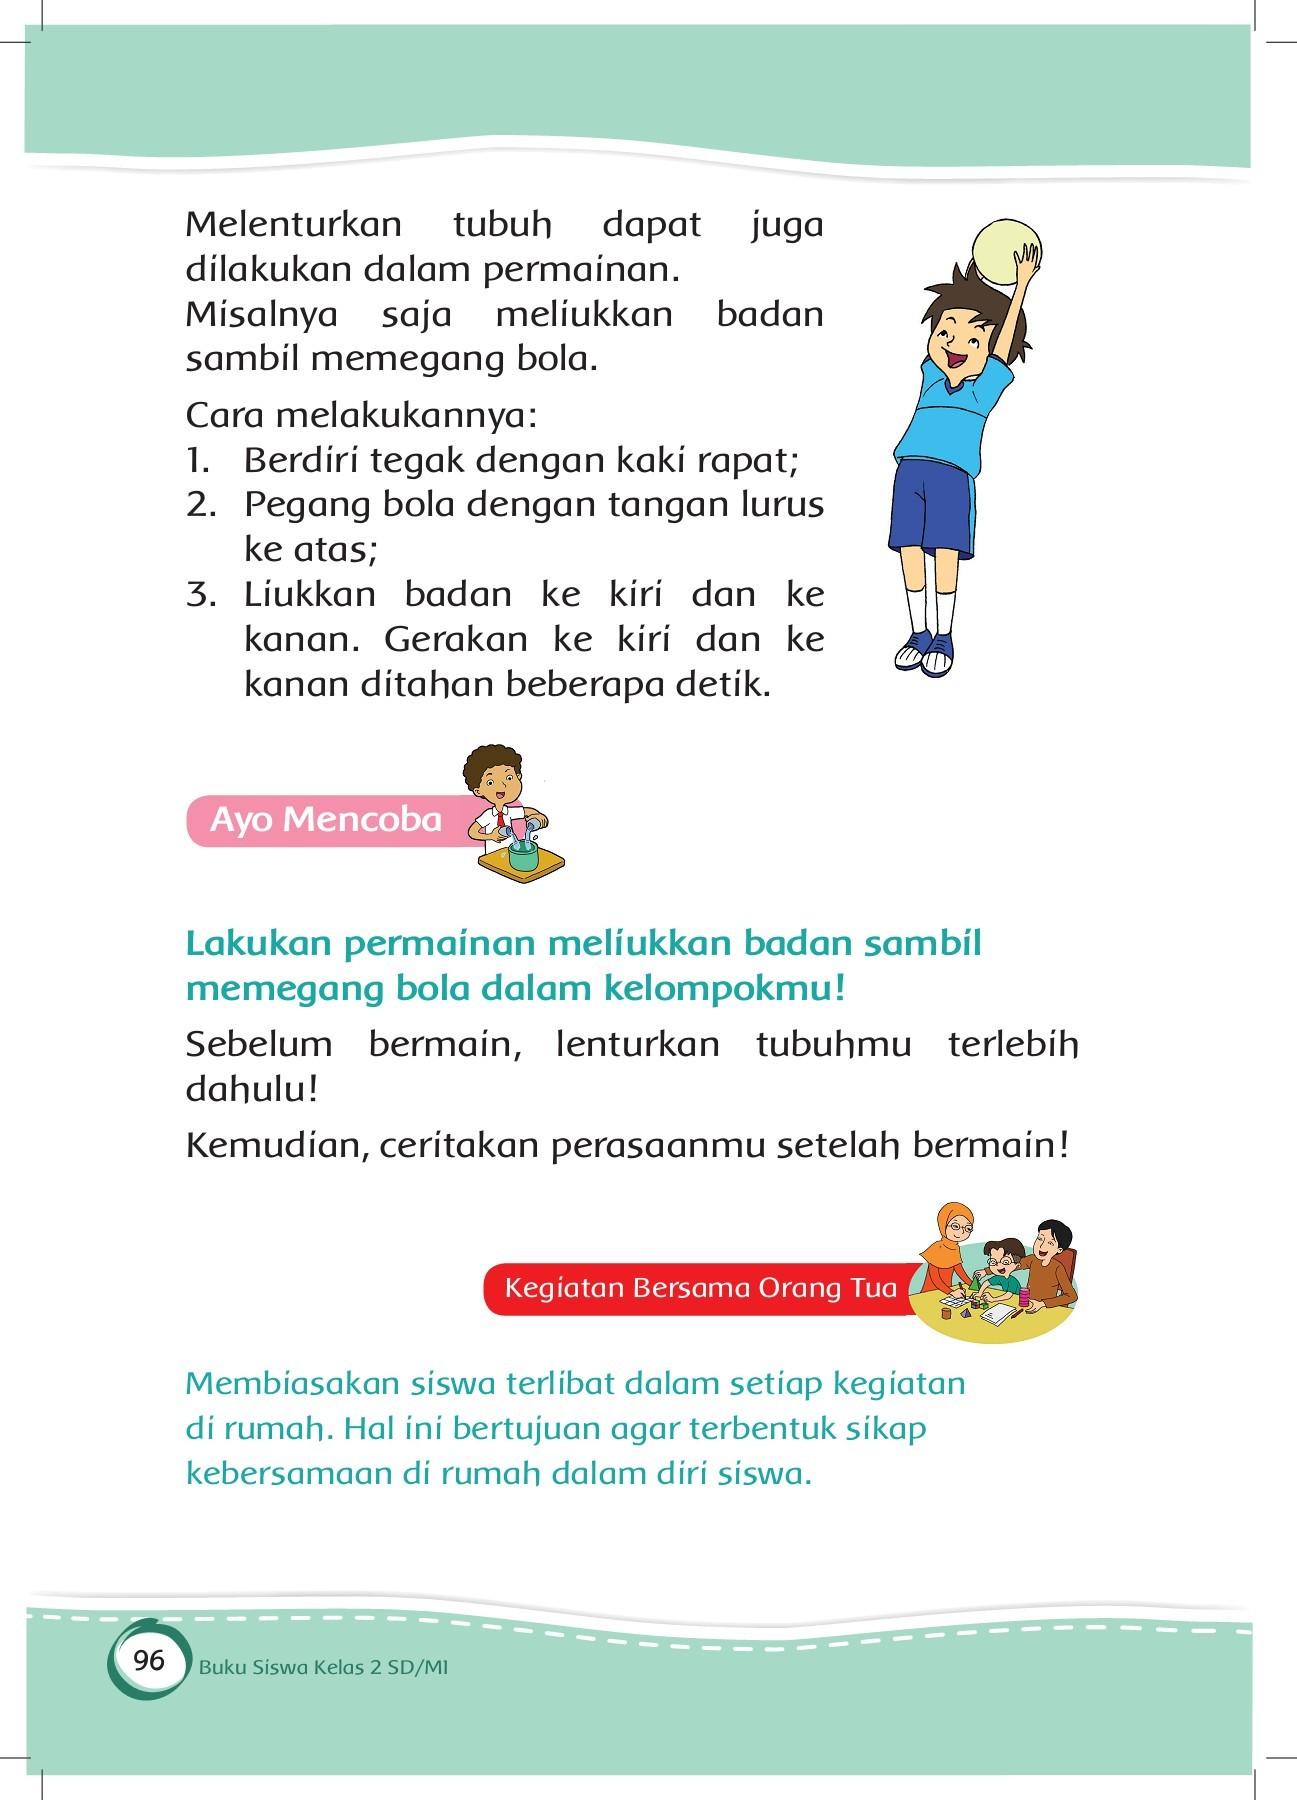 Kerja Sama Di Lingkungan Sekolah : kerja, lingkungan, sekolah, Tuliskan, Bentuk, Kerjasama, Lingkungan, Sekolah, Berbagi, Penting